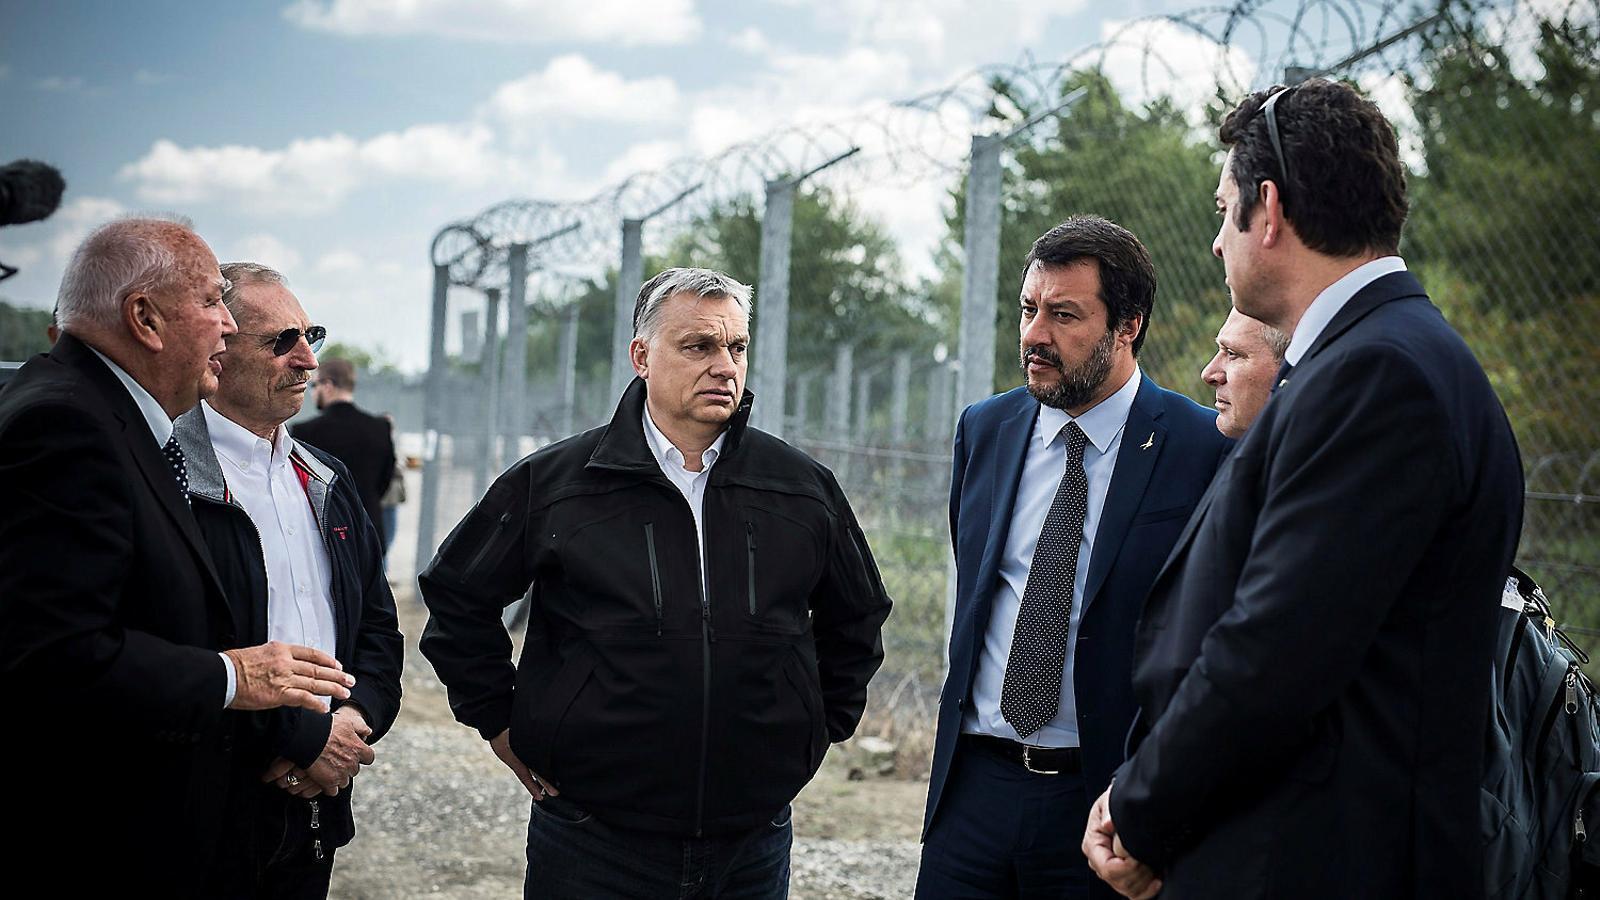 Orbán i Salvini en una visita a la frontera entre Sèrbia i Hongria.